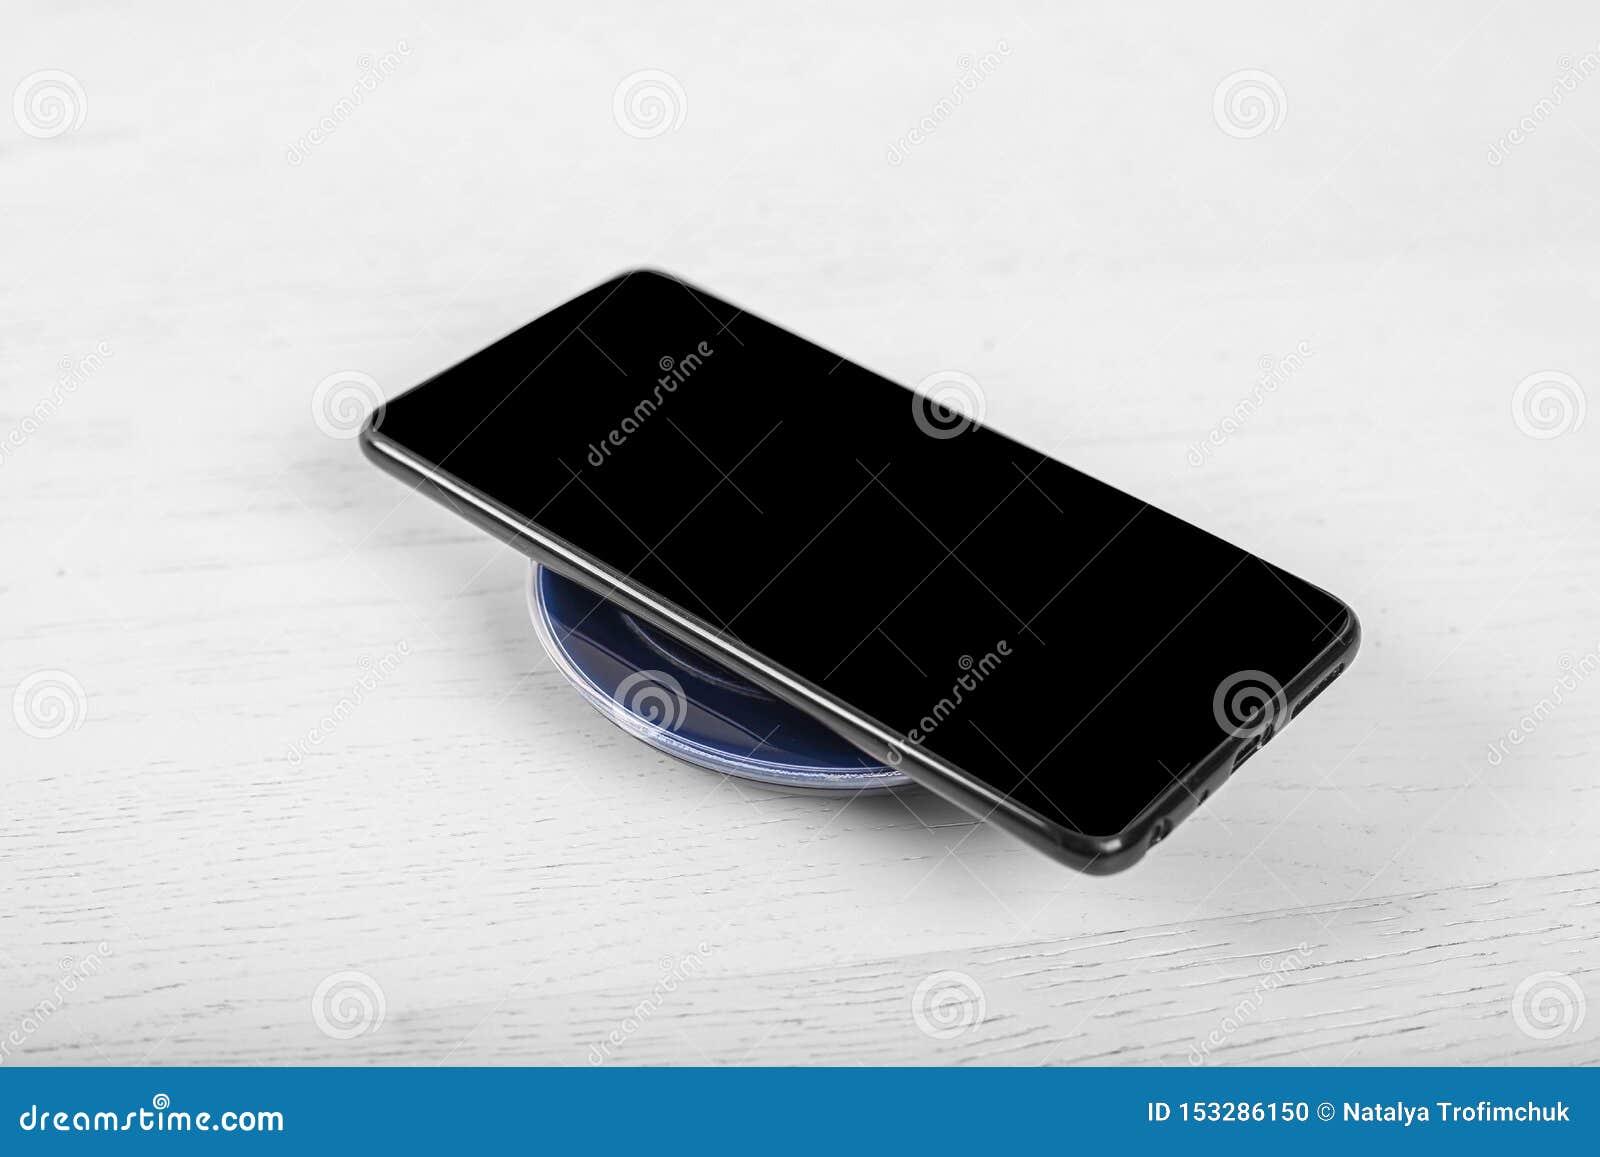 Telefone celular no carregador sem fio, equipamento moderno no fundo branco